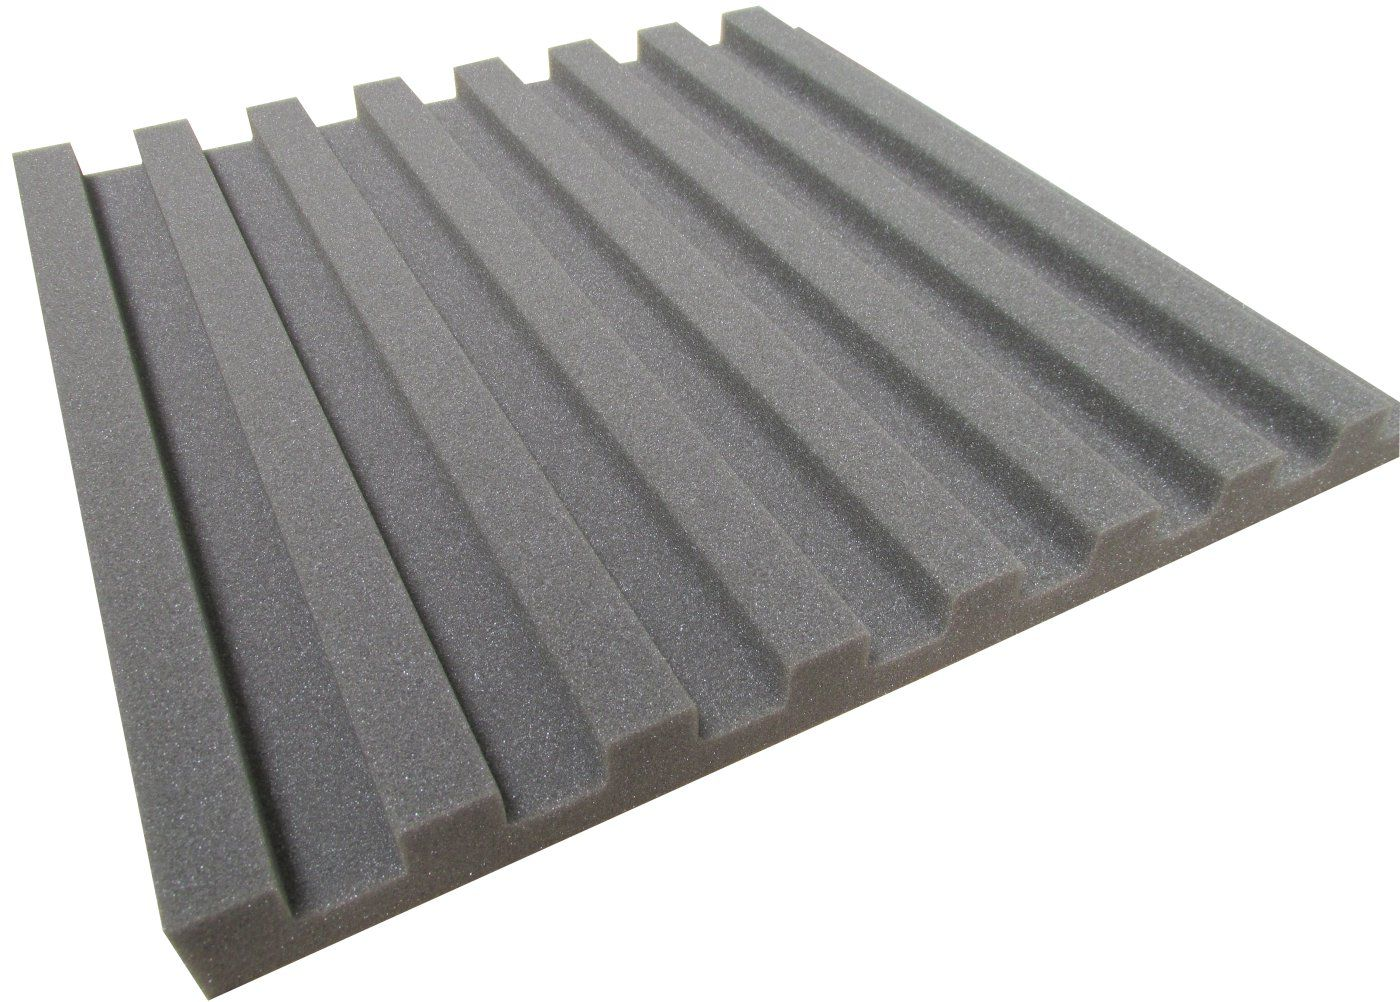 Espuma acústica Linha REV - R2 - Kit 4 peças - (1m²)  - Loja SPL Acústica